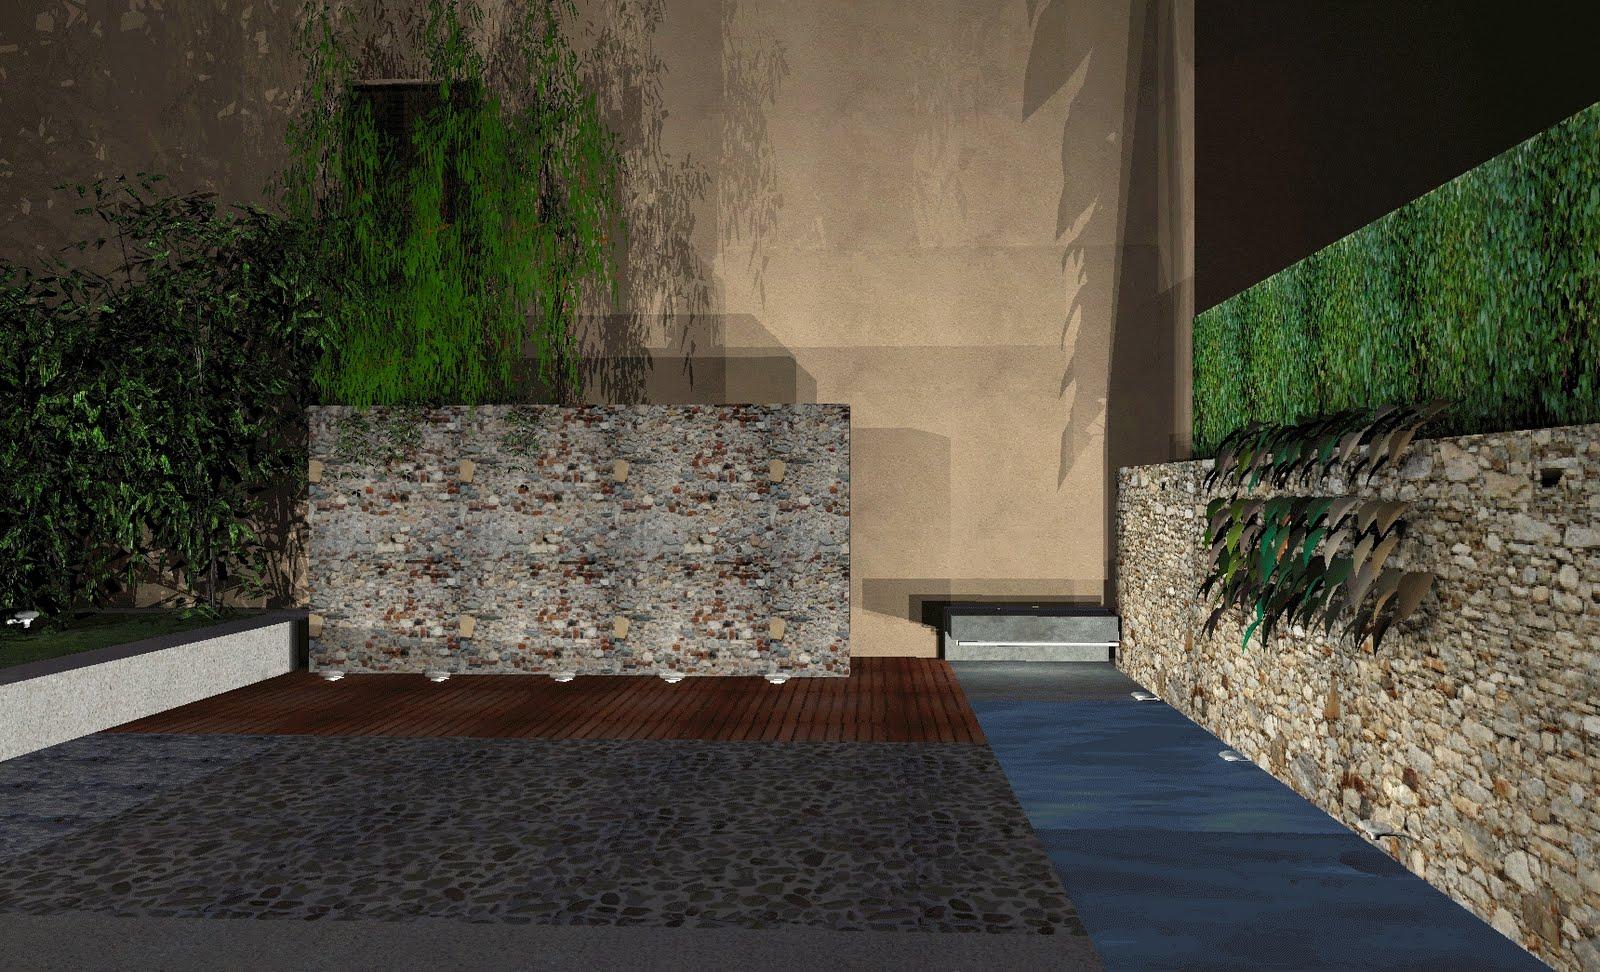 Architettare ovvero progettare casa online low cost for Progettare esterno casa online